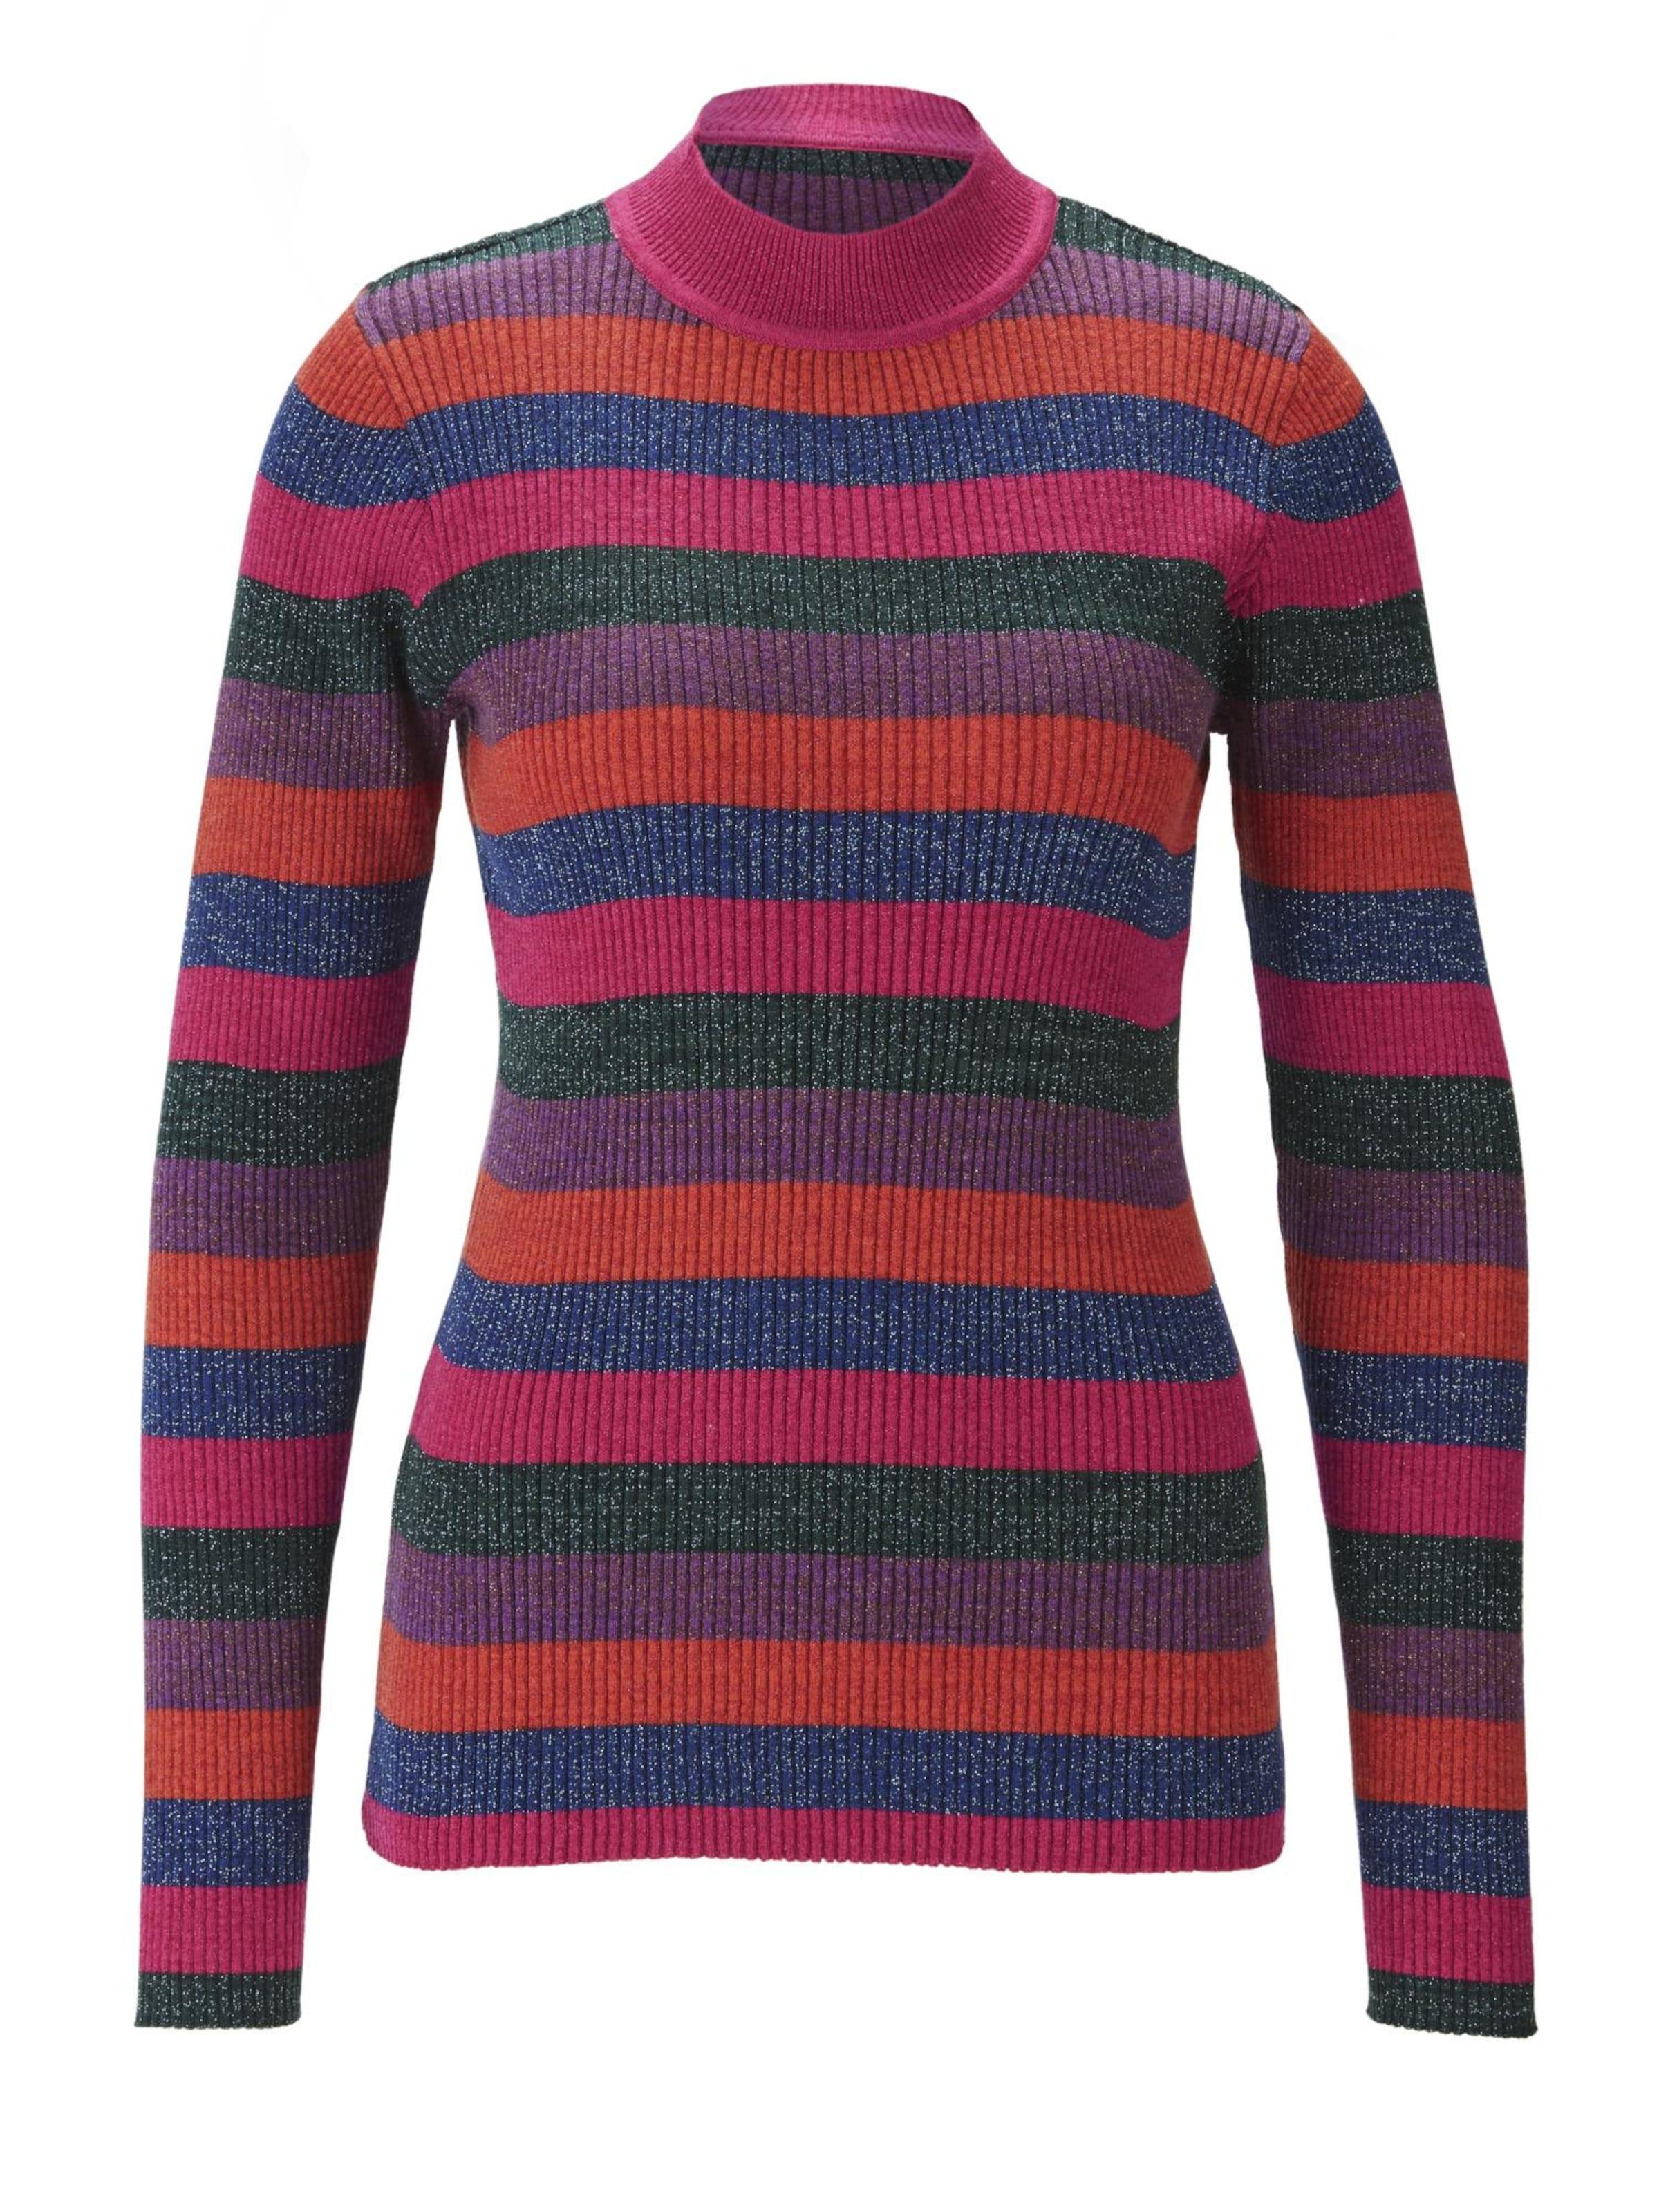 Heine Pullover Pullover Heine In Mischfarben Pullover Mischfarben In Heine n8OXwPN0kZ